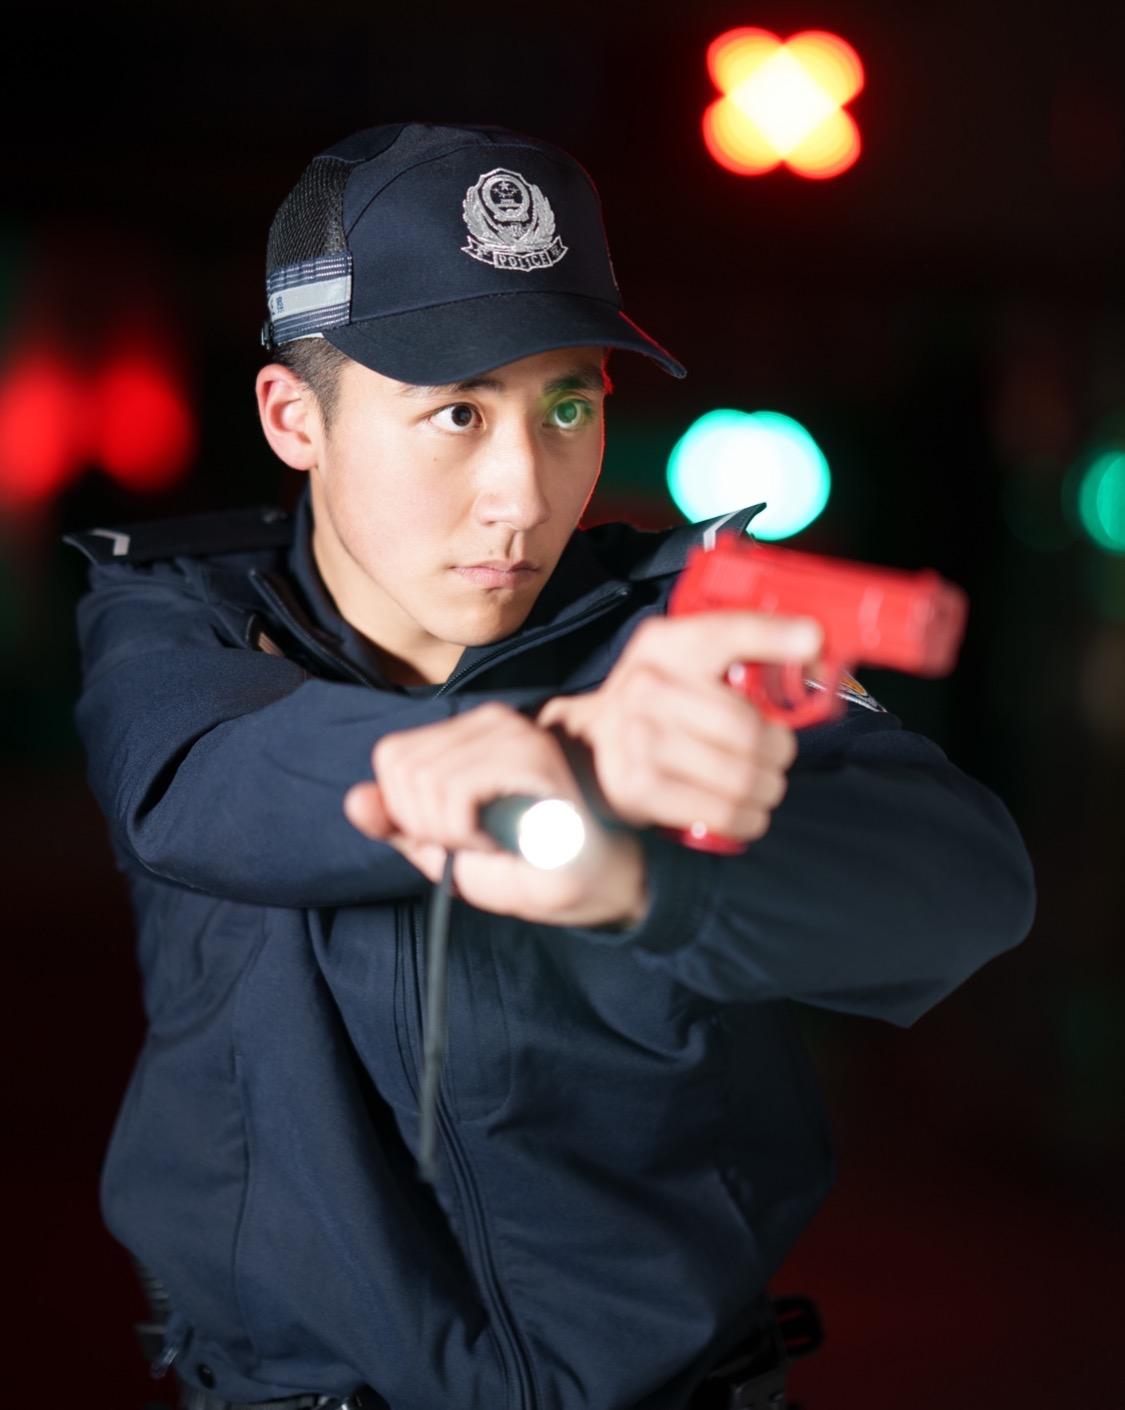 警校生在公交车上抓小偷被威胁,单手控制霸气回怼:我是警察,不怕你